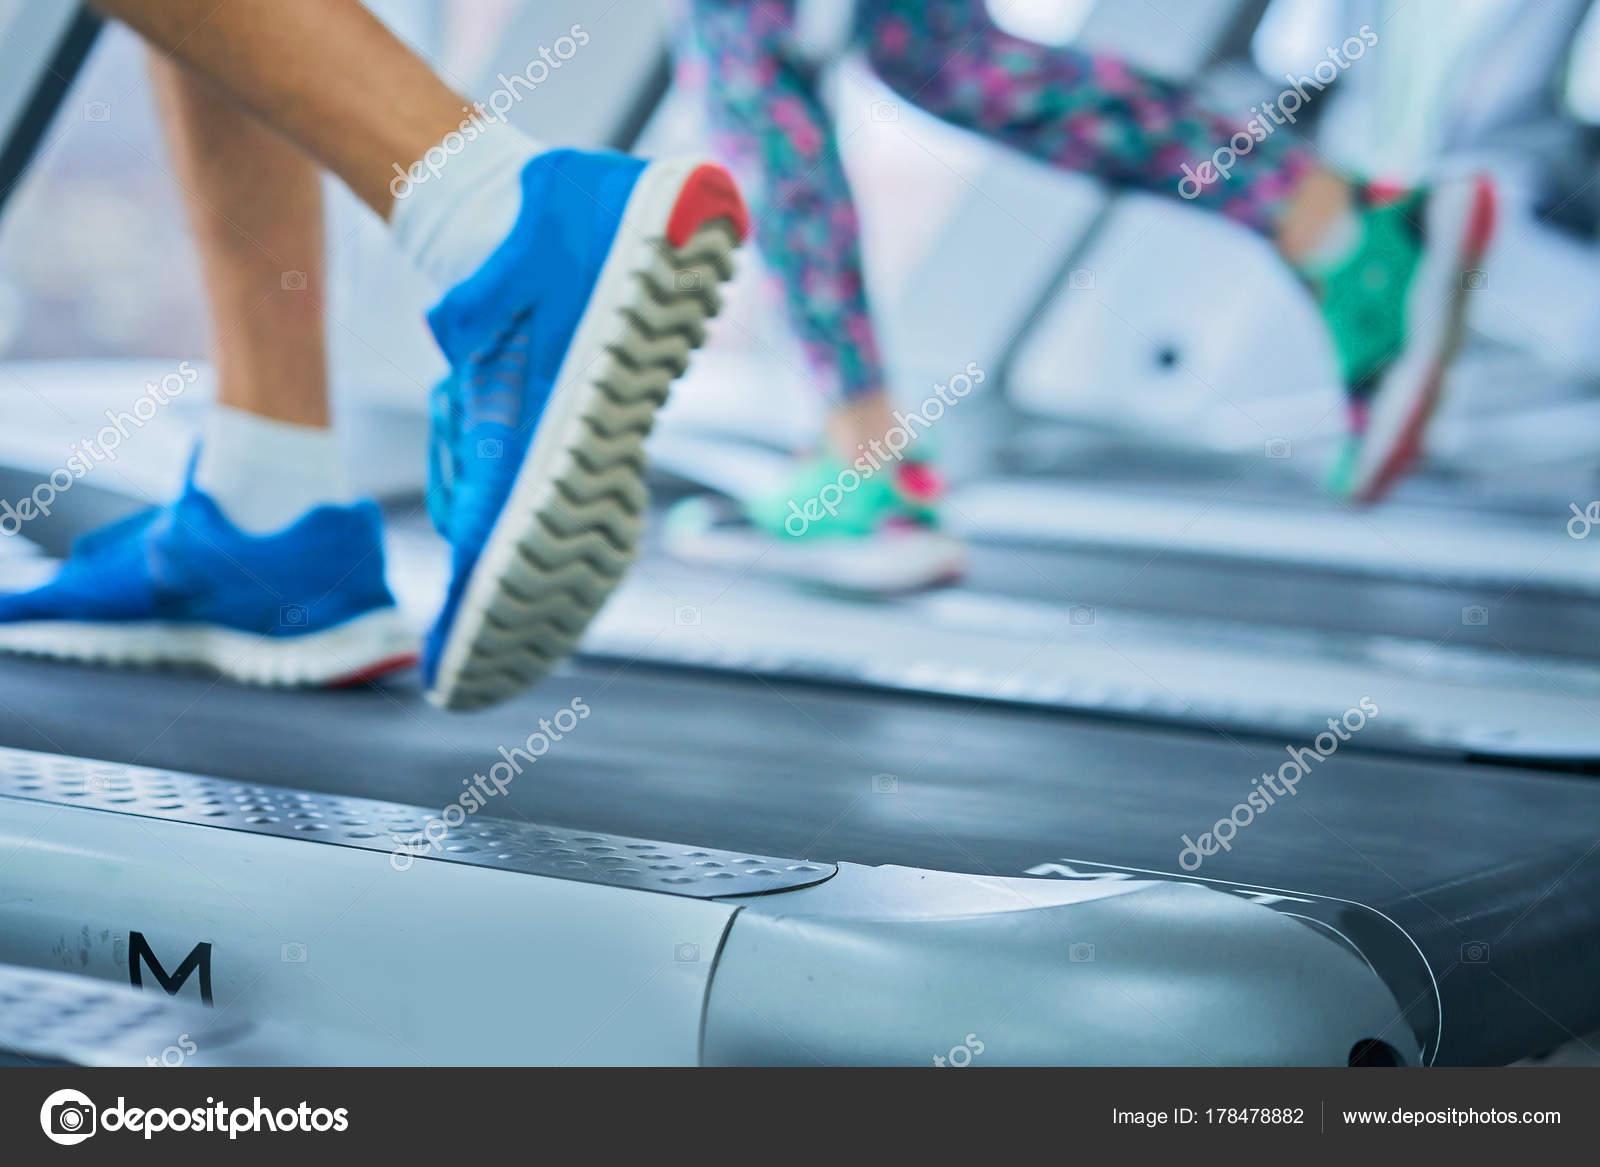 Mujer Pies Musculares Zapatillas Correr Caminadora Gimnasio — Foto ...